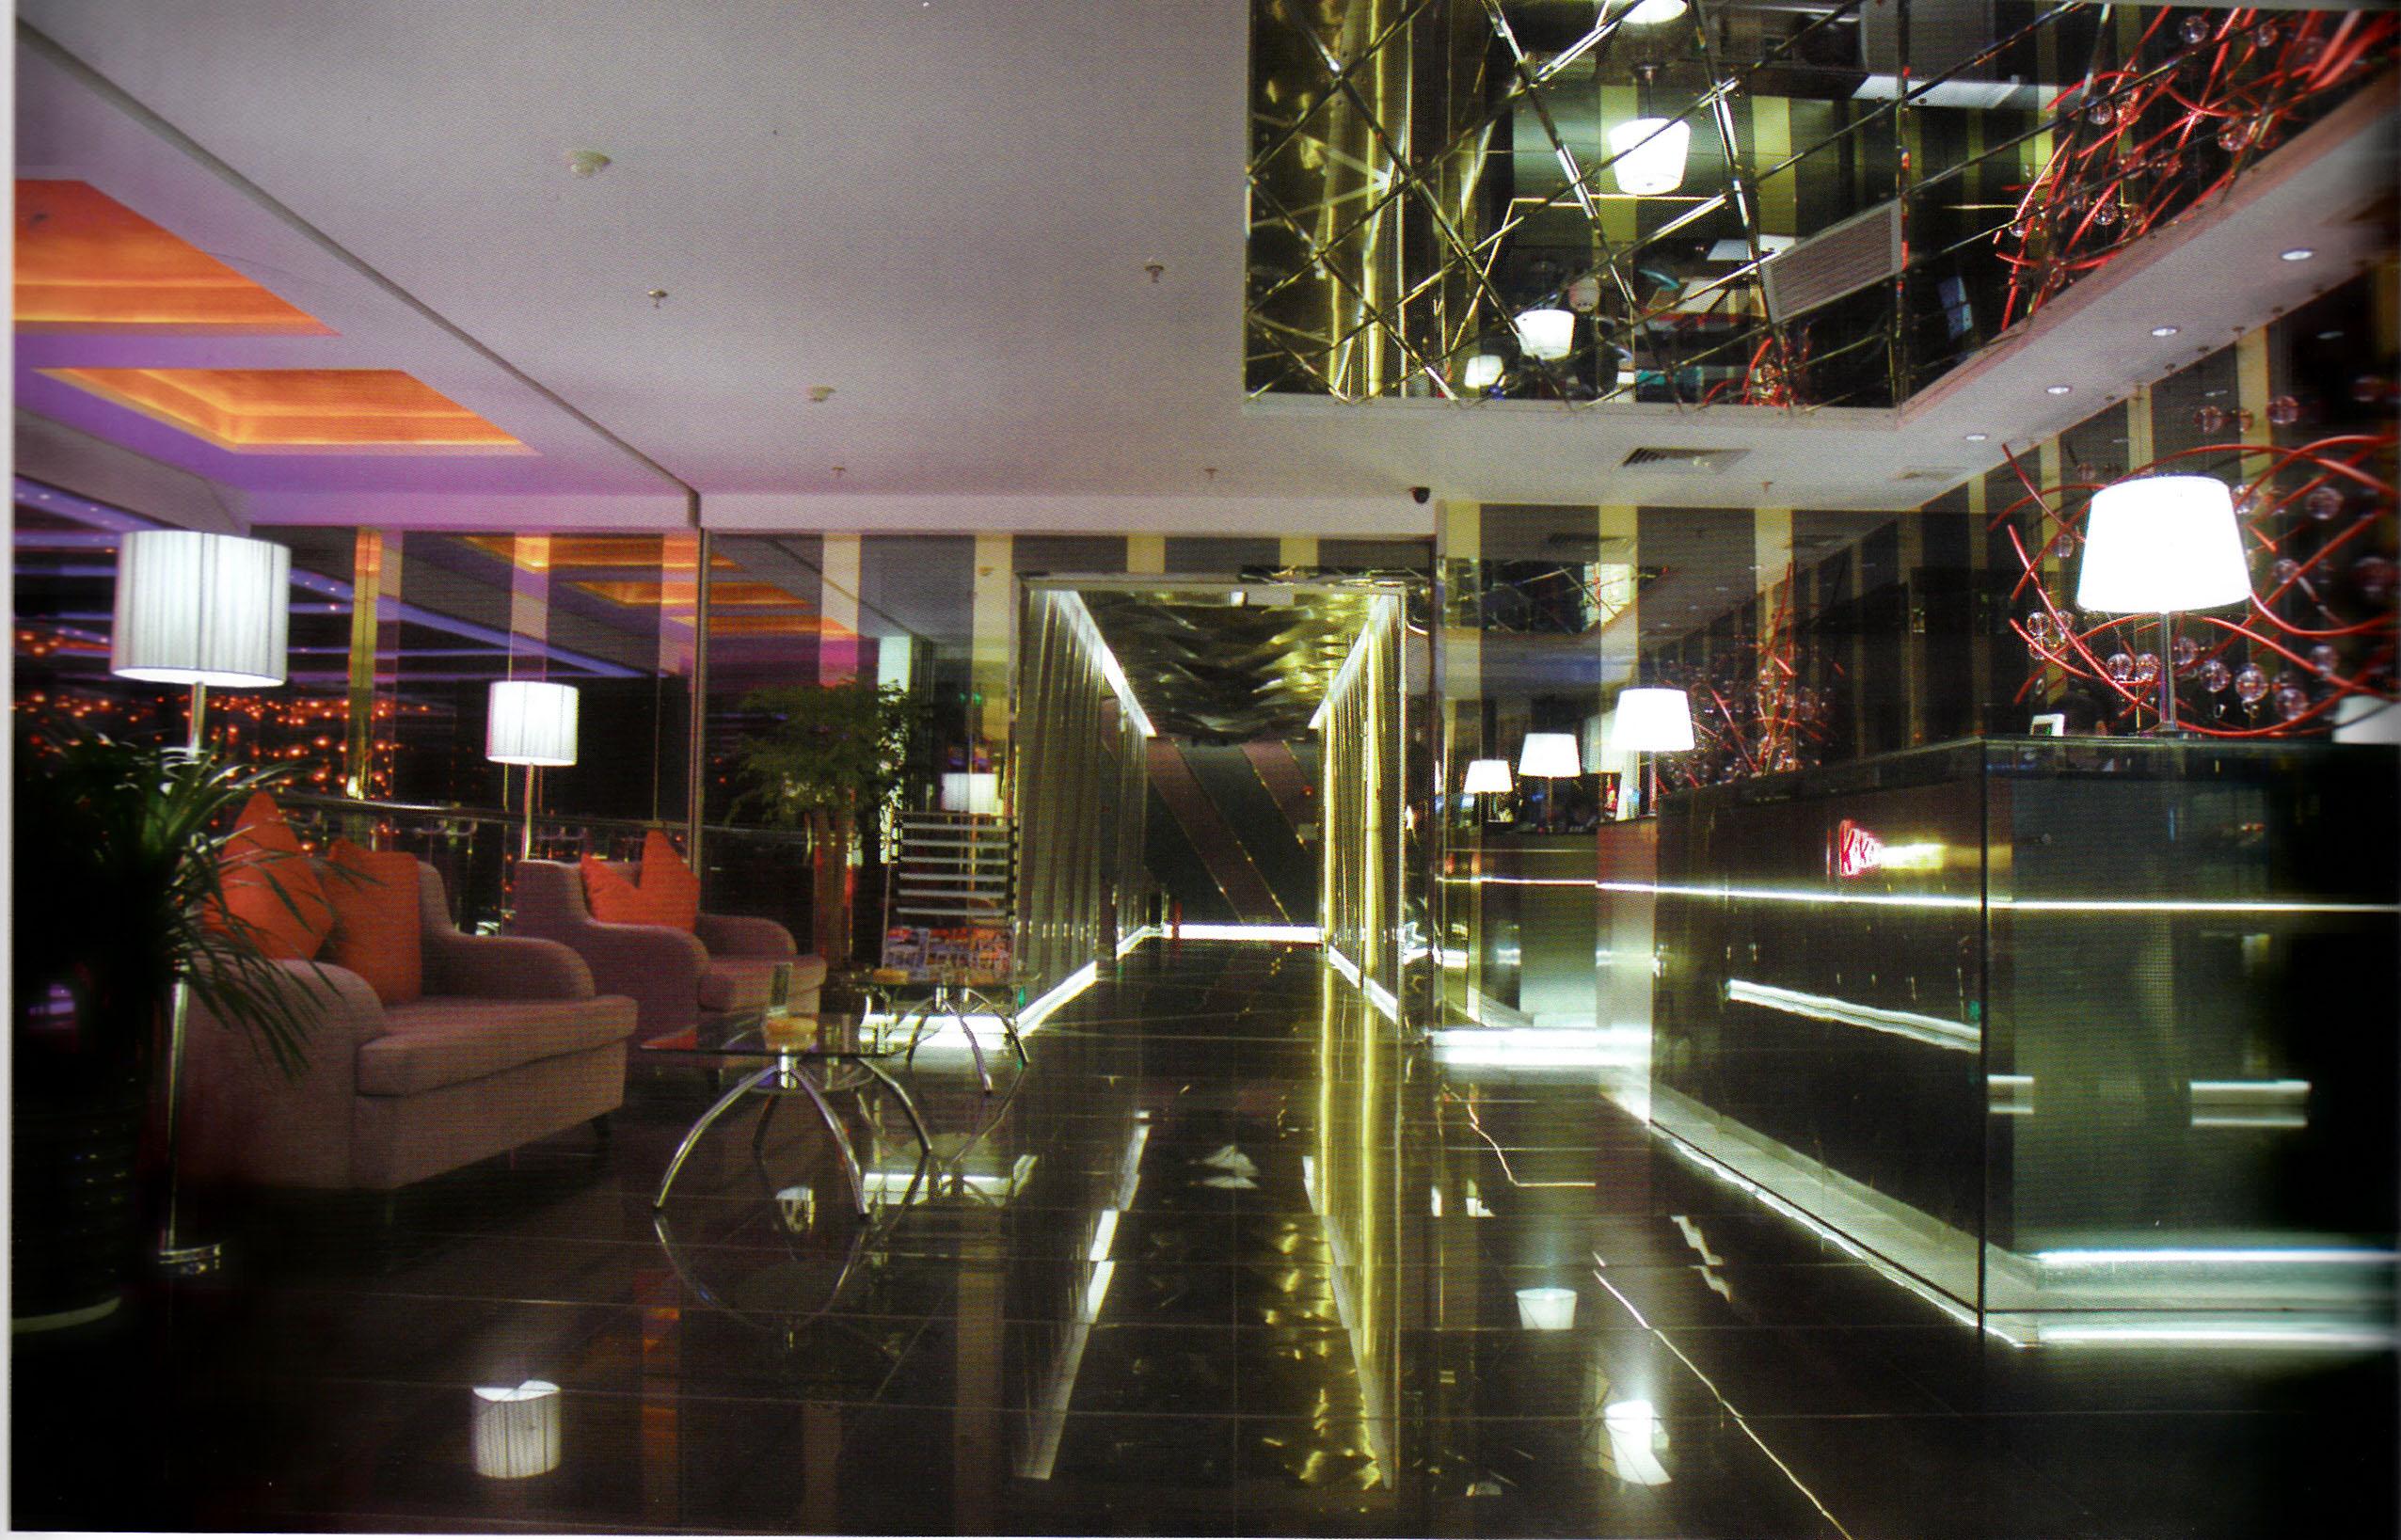 ktv彩绘玻璃吊顶的装修要注意材料和天花板之间的